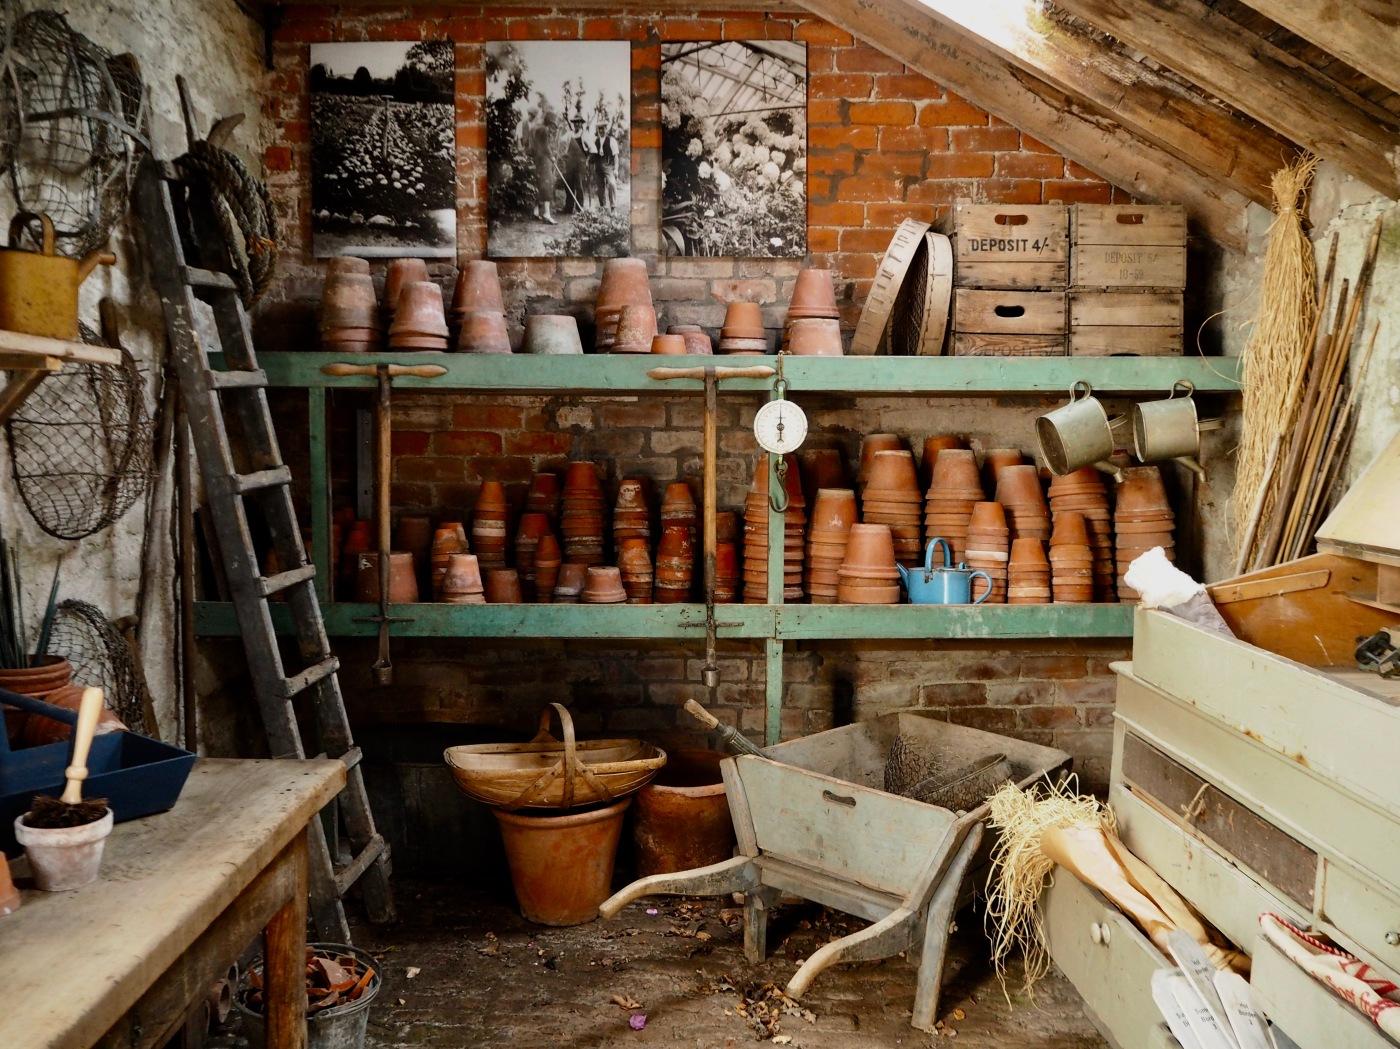 illustration of potting shed at Floors Castle